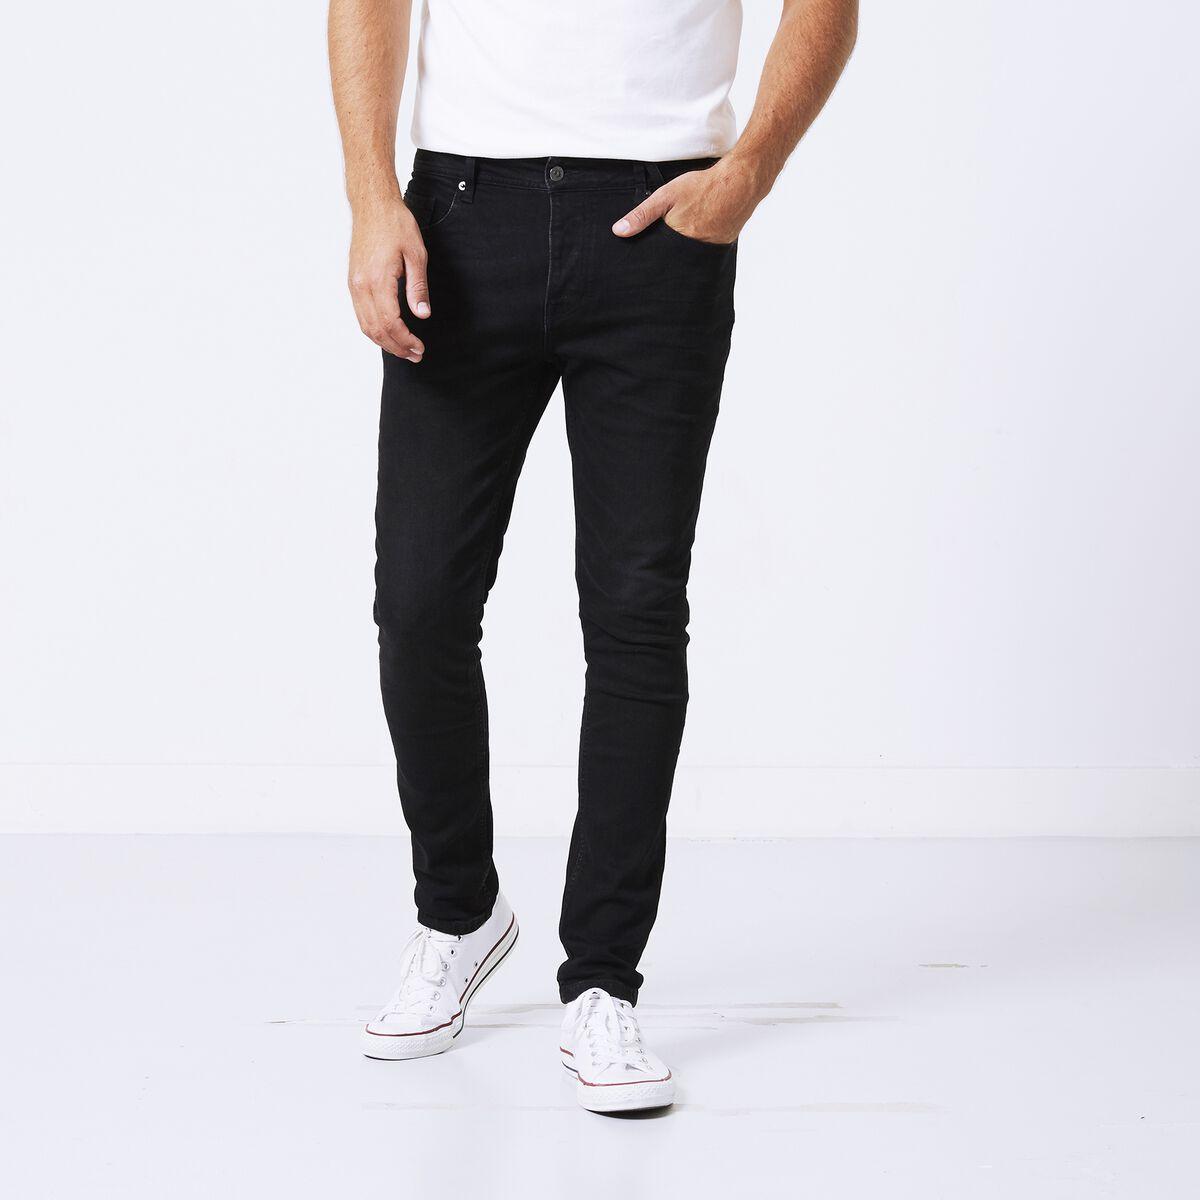 686ad7495e2 Heren Jeans Ryan Zwart Kopen Online | America Today